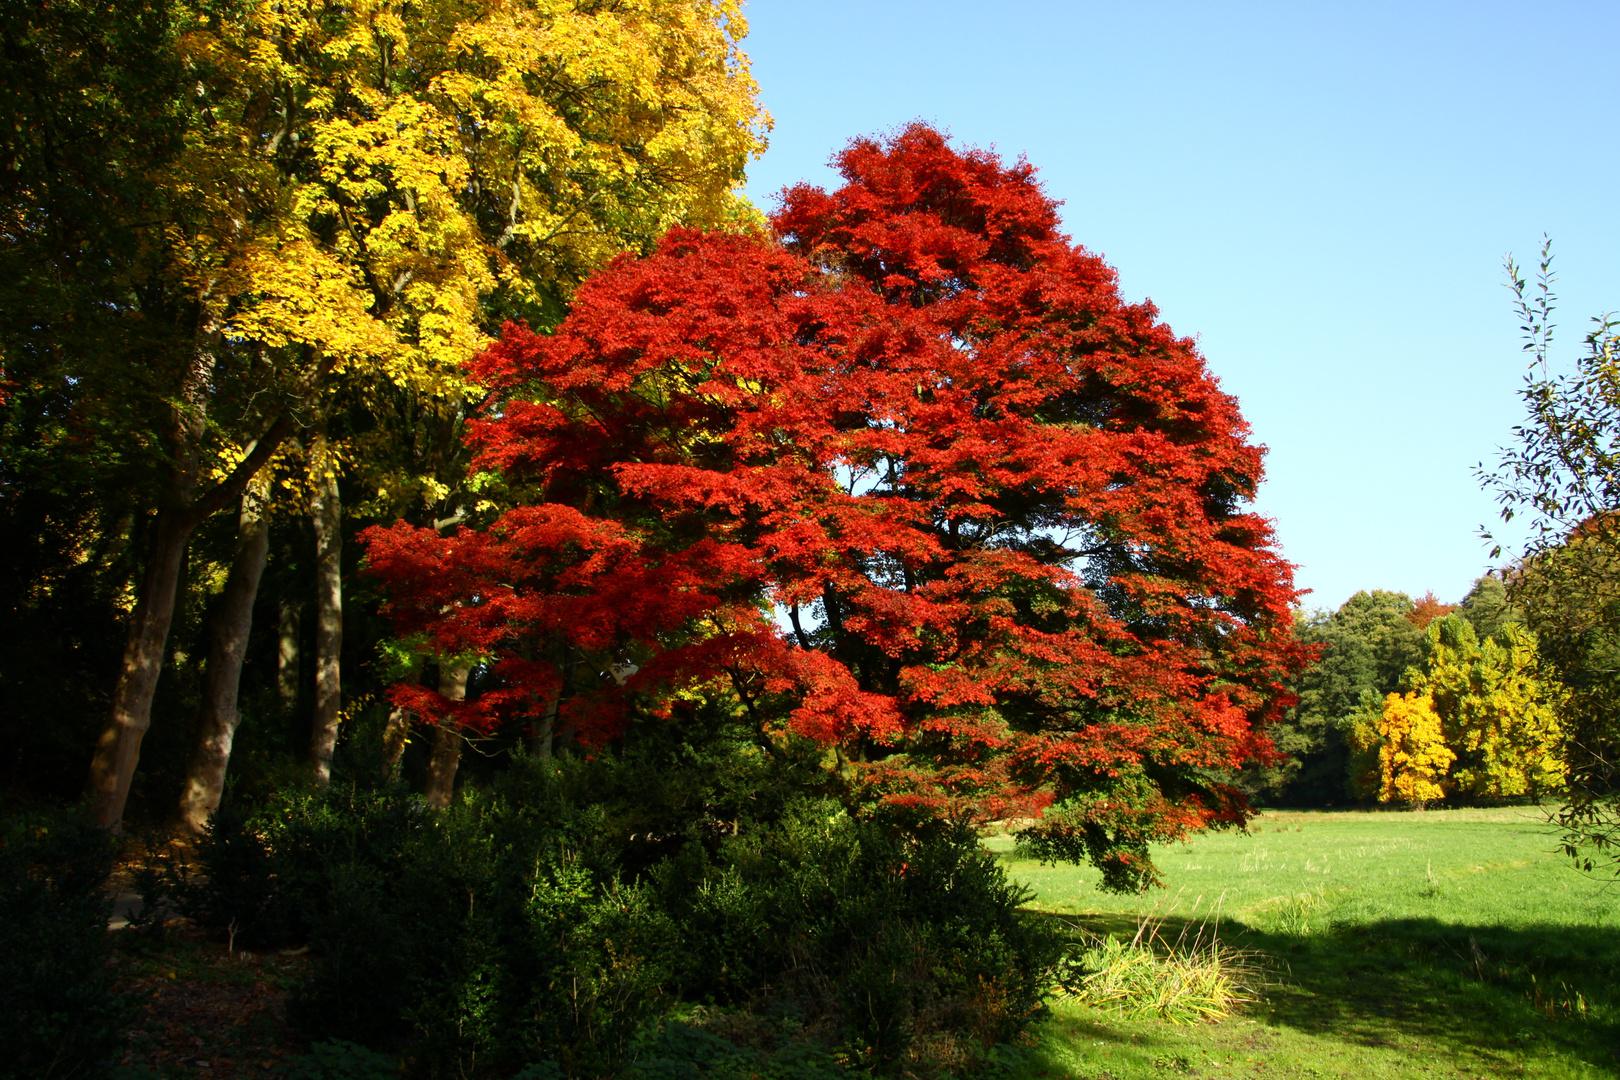 Herbst - Feuer